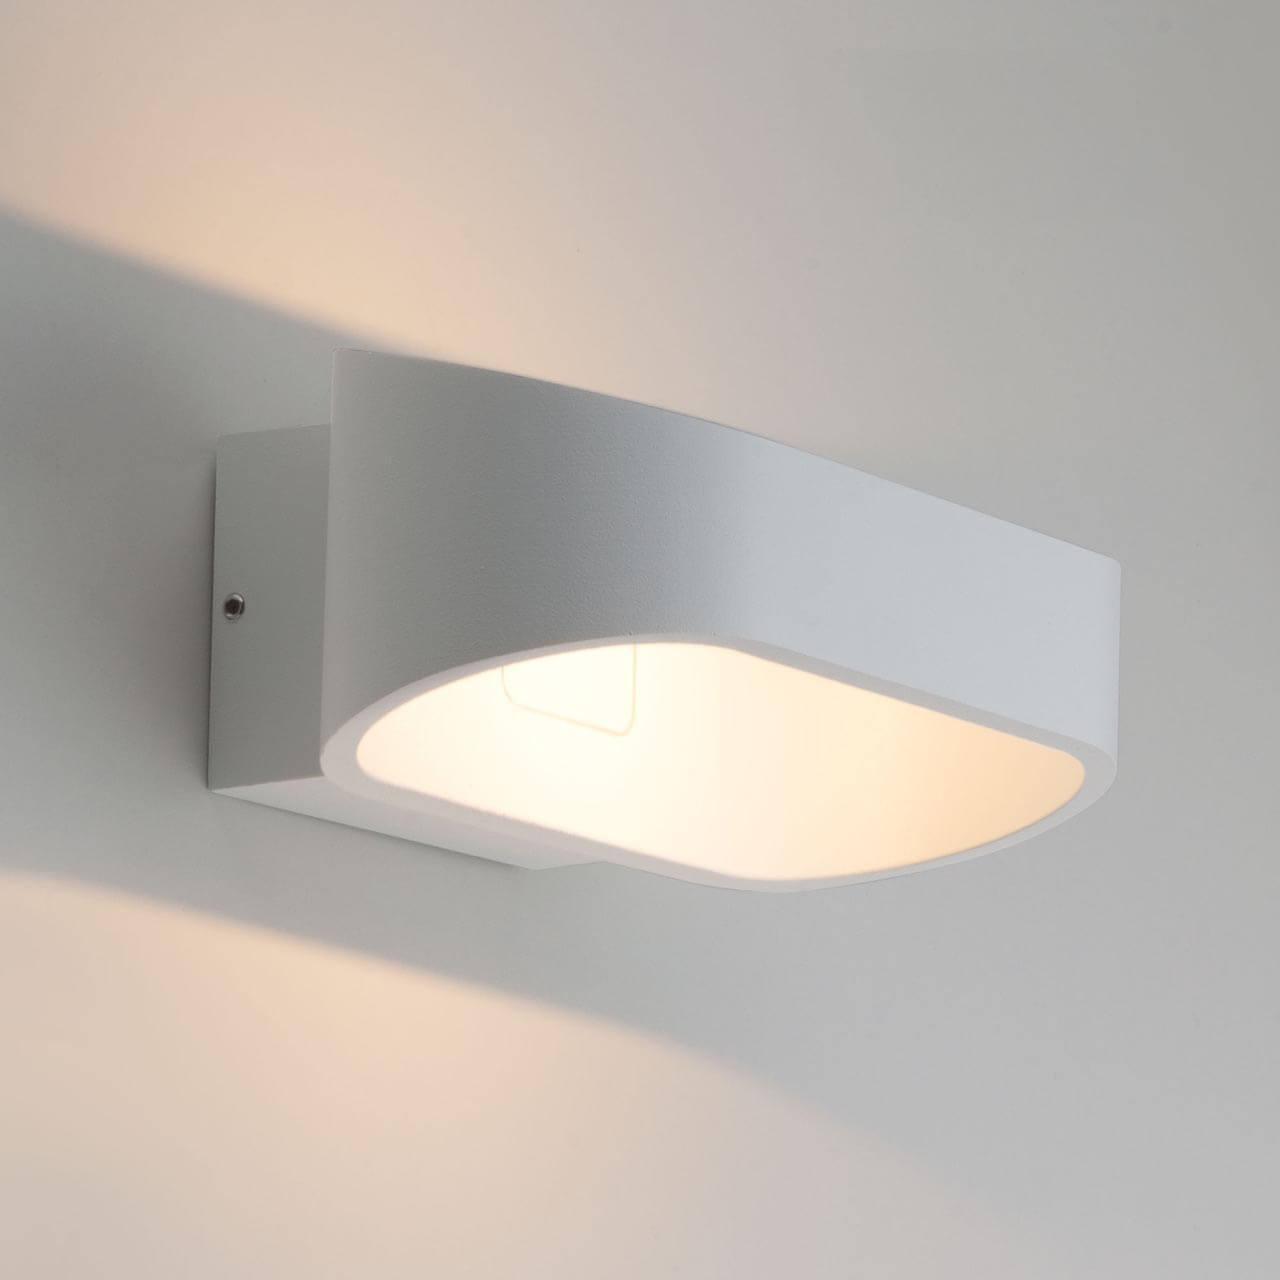 Уличный светильник Elektrostandard 4690389117169, LED уличный настенный светодиодный светильник elektrostandard 4690389086137